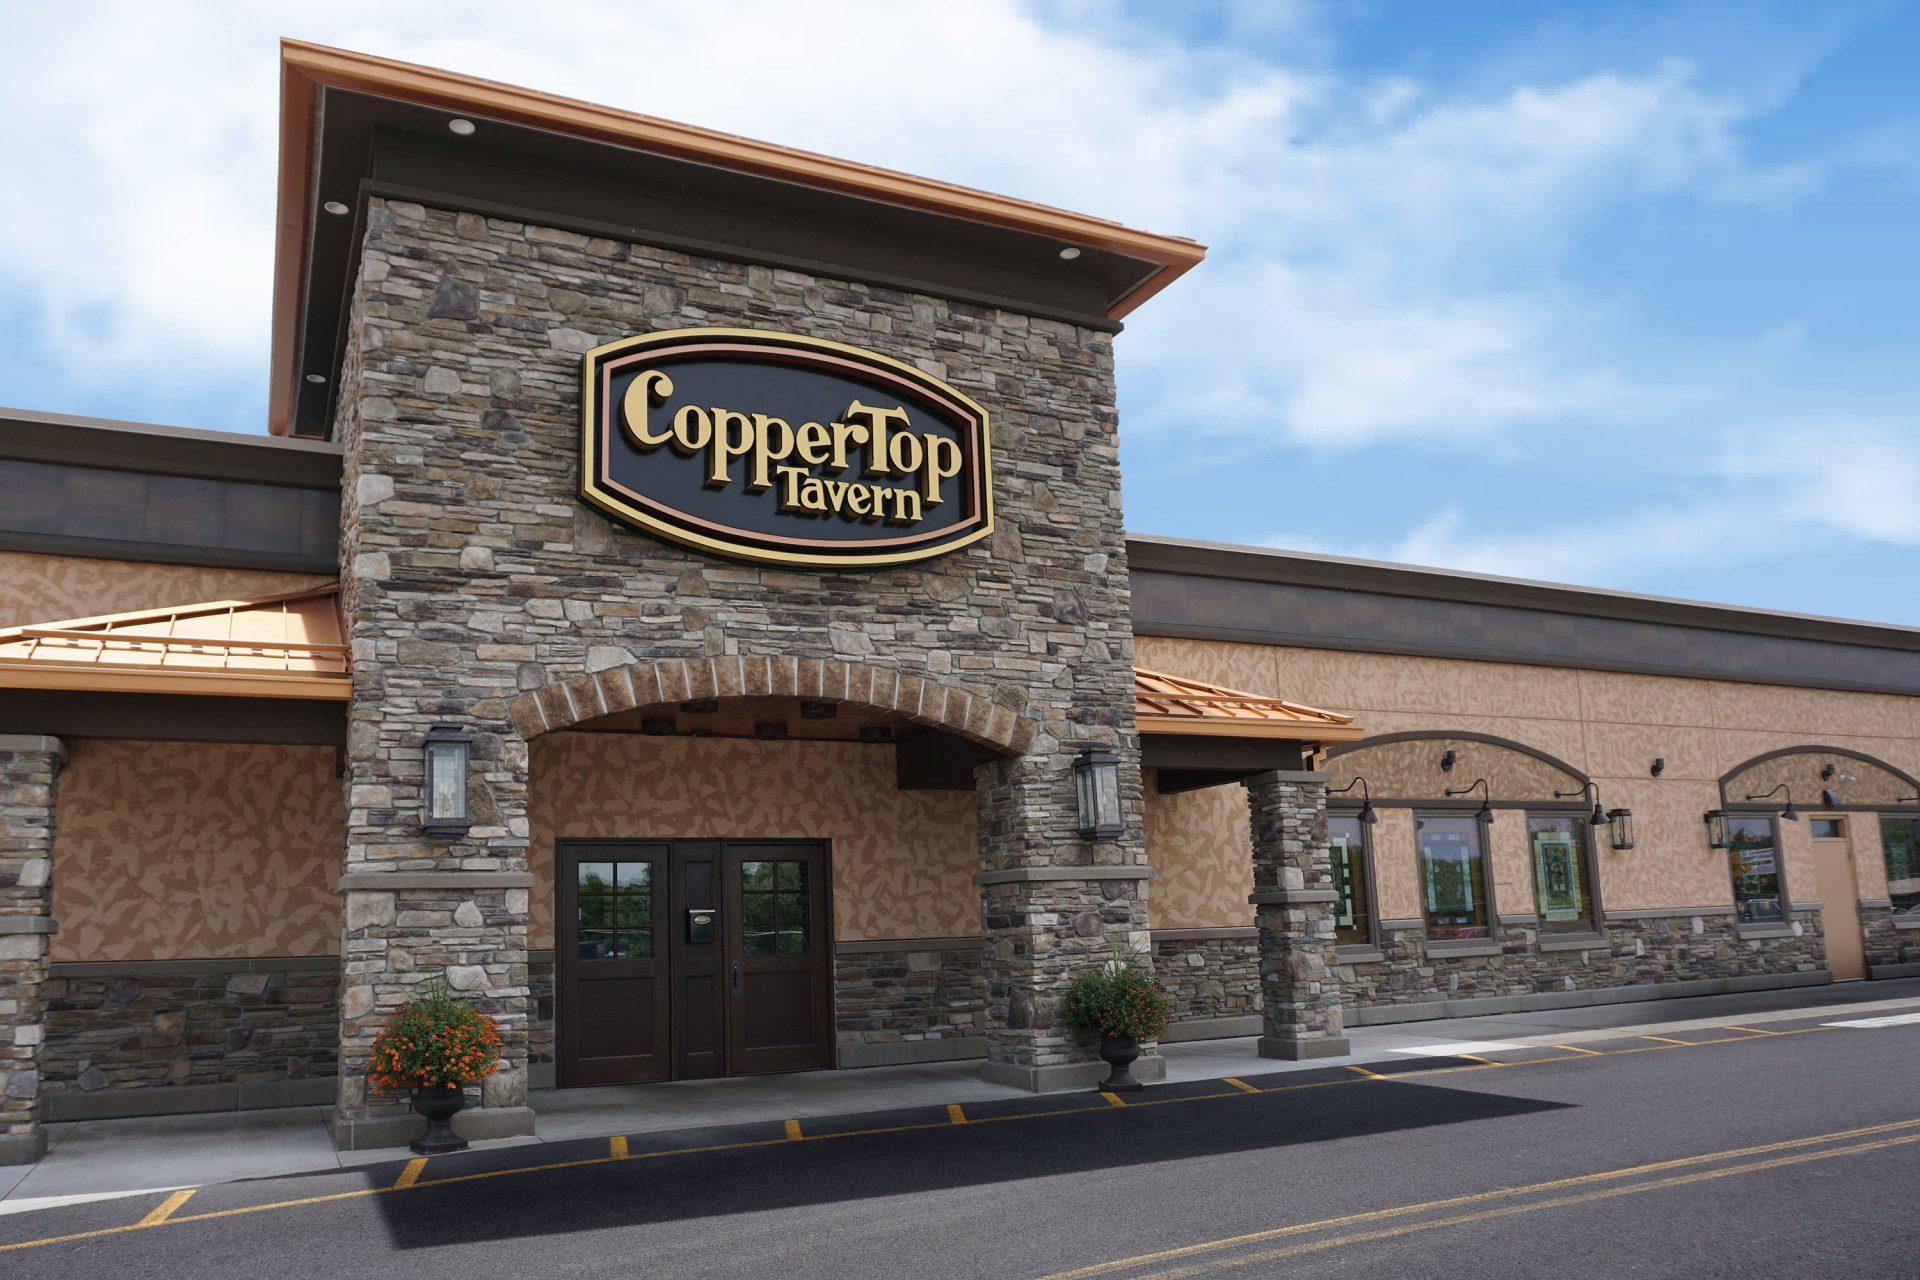 CopperTop Tavern in Vestal, NY